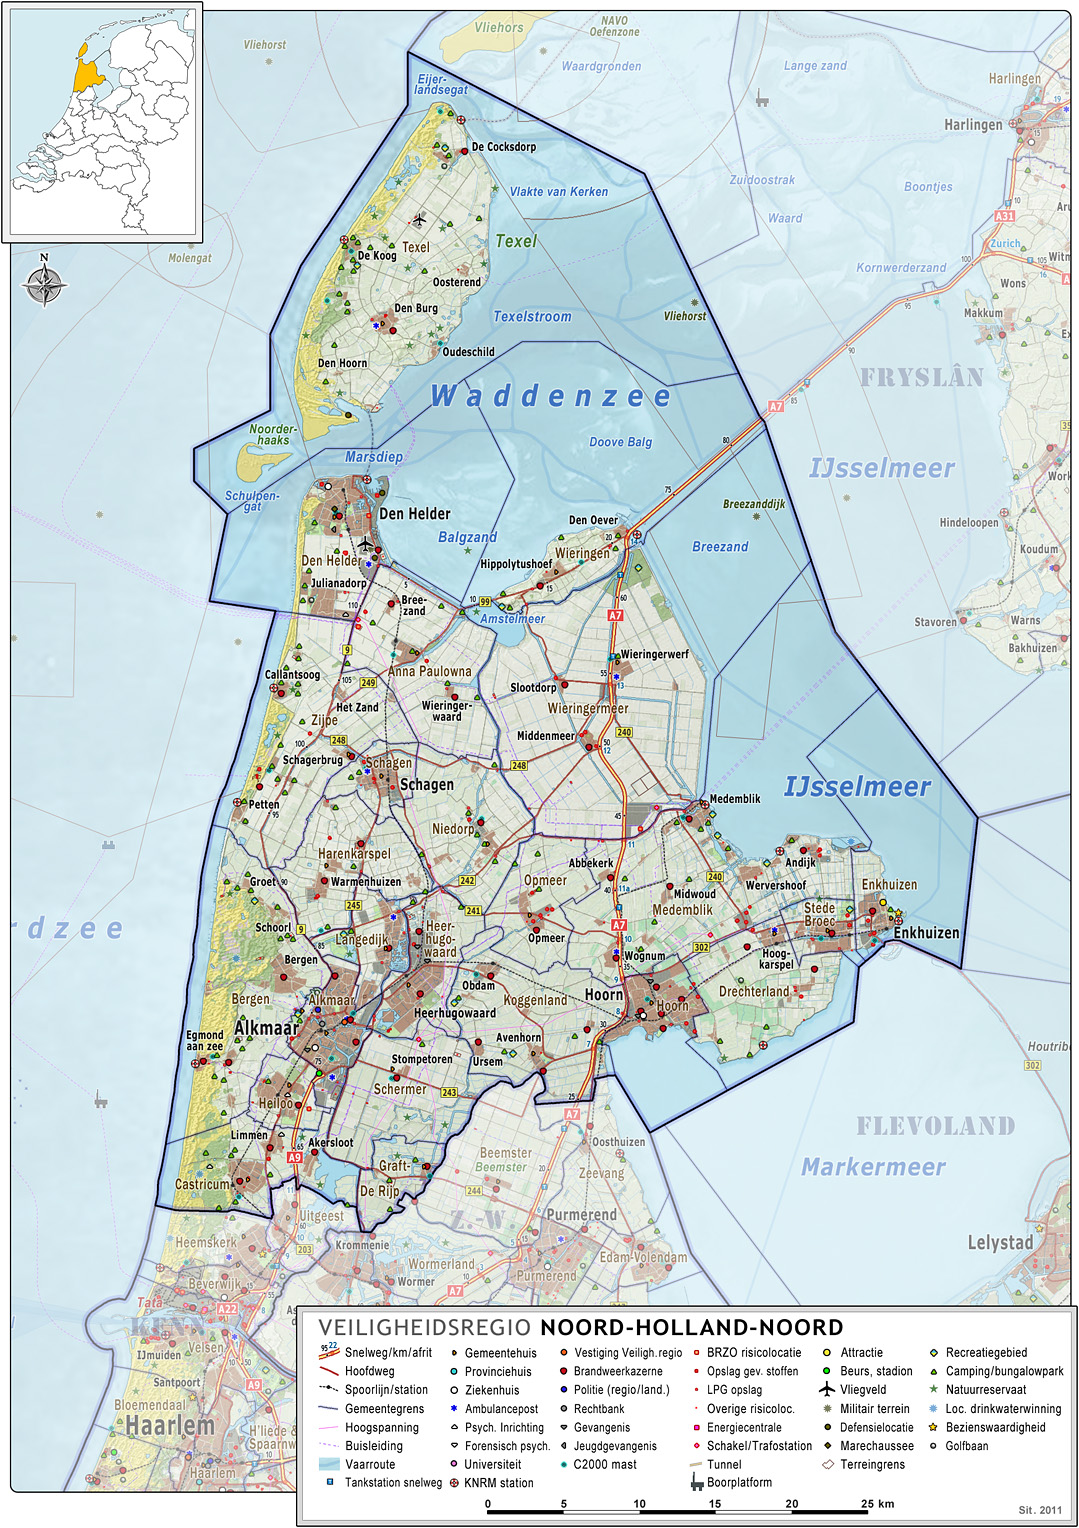 Bestand:2011-R10-Noord-Holland-Noord-b54.jpg